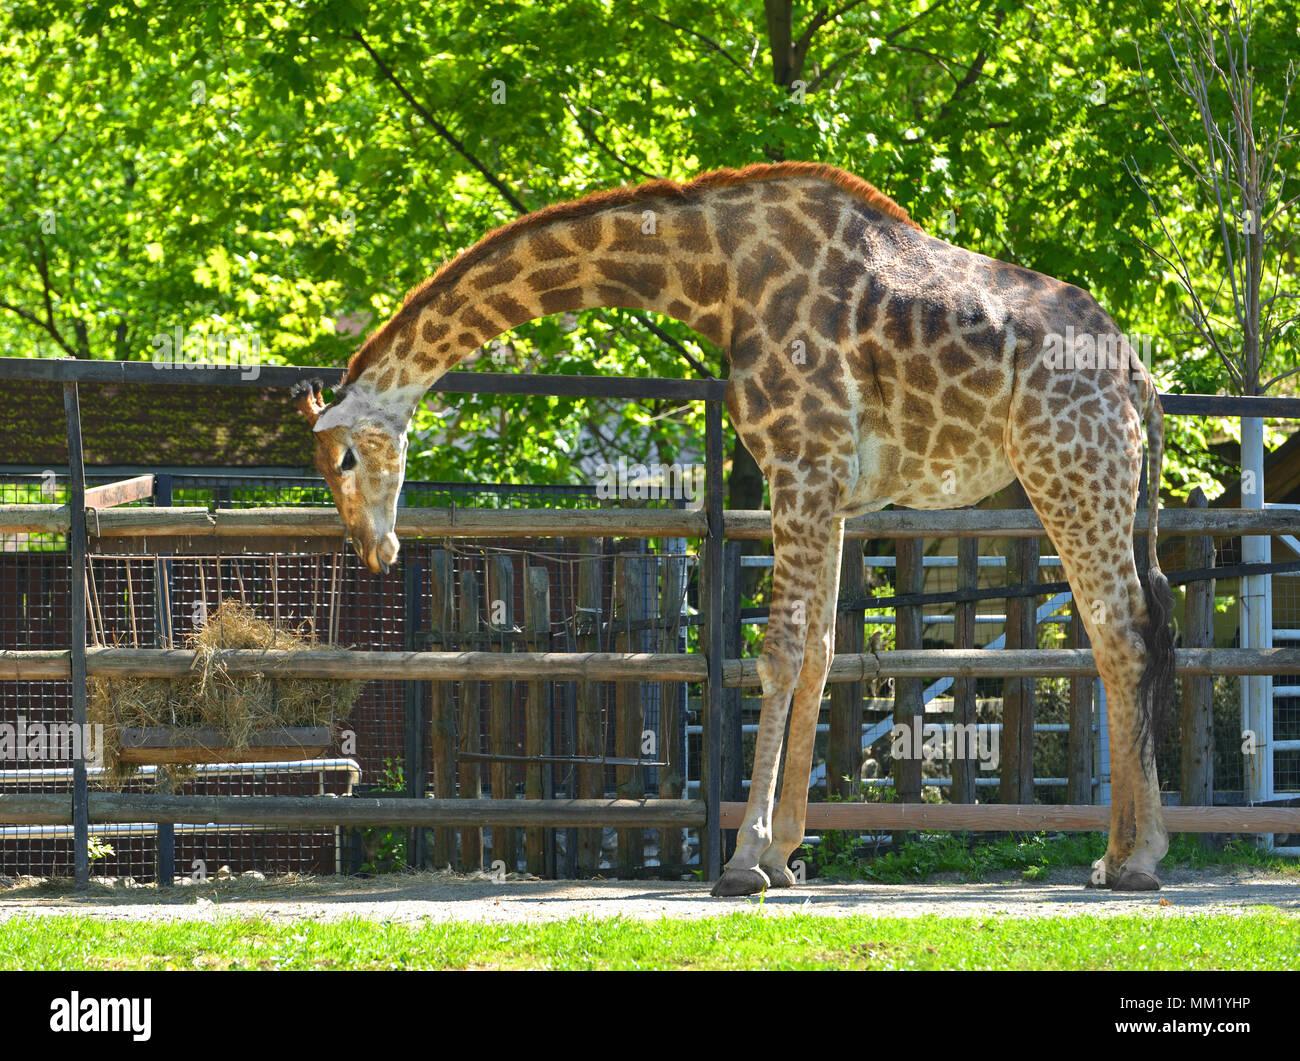 Giraffe (Giraffa camelopardalis giraffa) - Stock Image